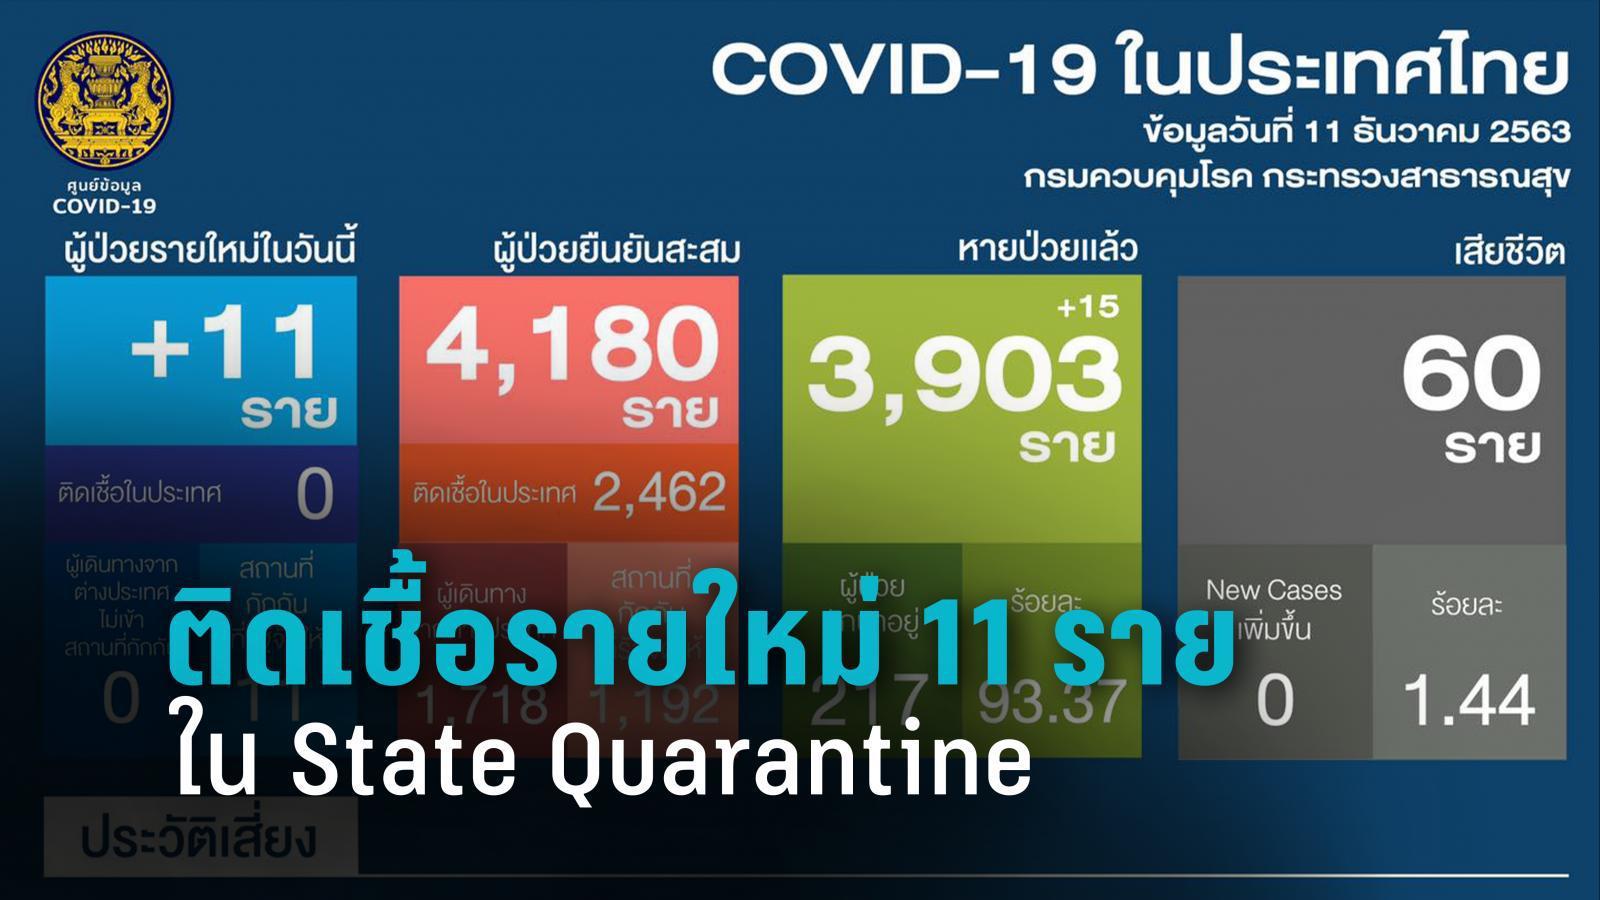 ติดเชื้อโควิด-19 รายใหม่ 11 รายมาจากต่างประเทศ